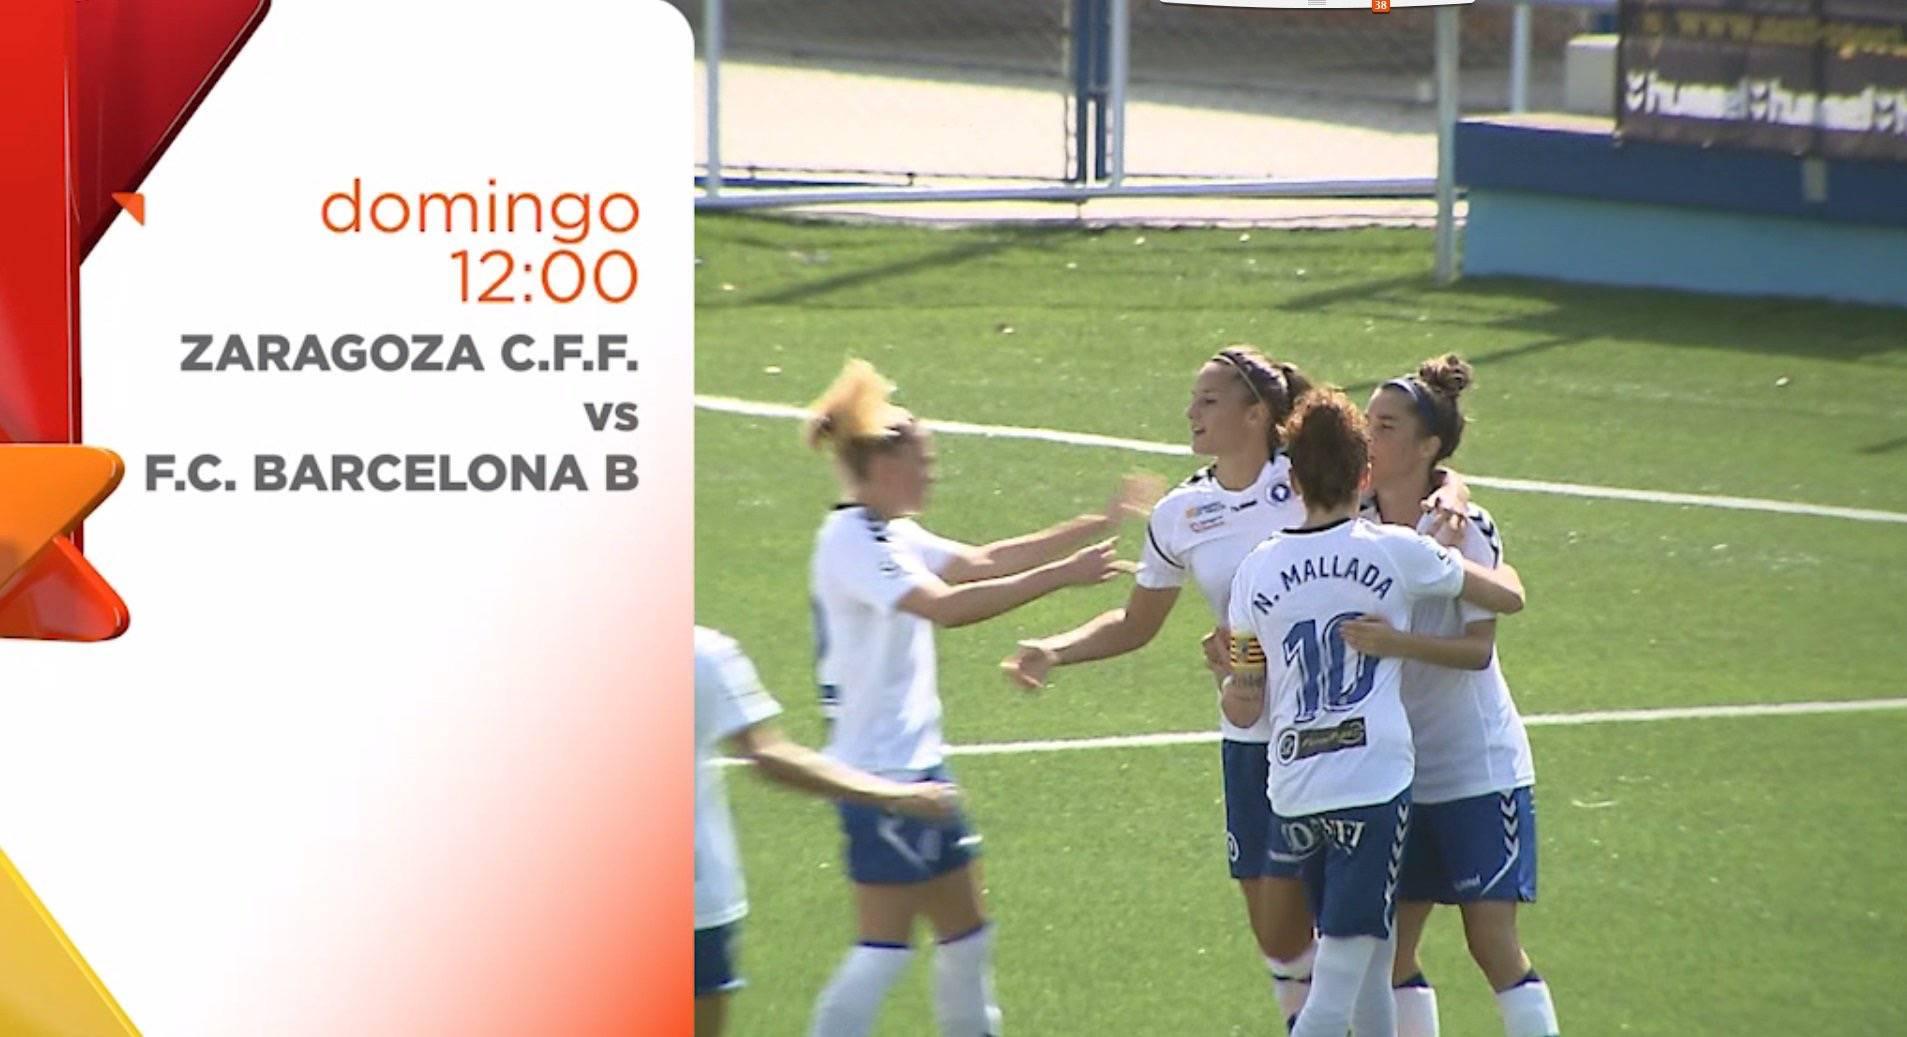 520f8c0a9e366 Noticias - Página 14 de 50 - Página oficial del Zaragoza Club de ...